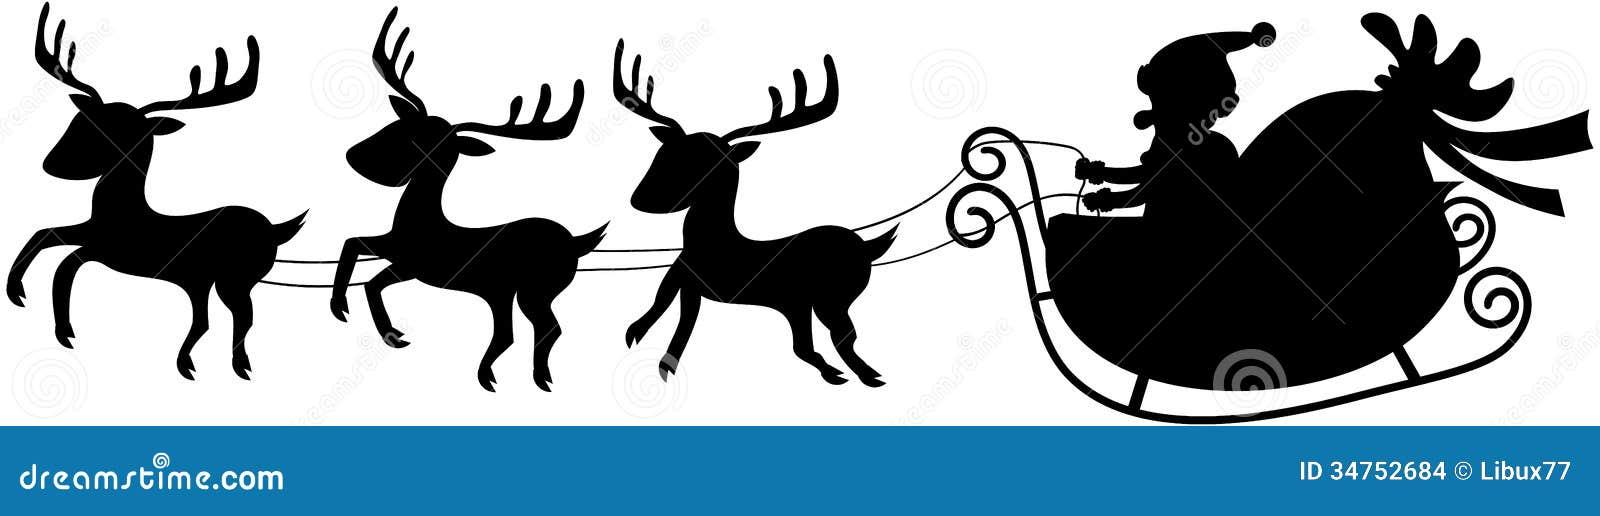 Santa sleigh flying silhouette